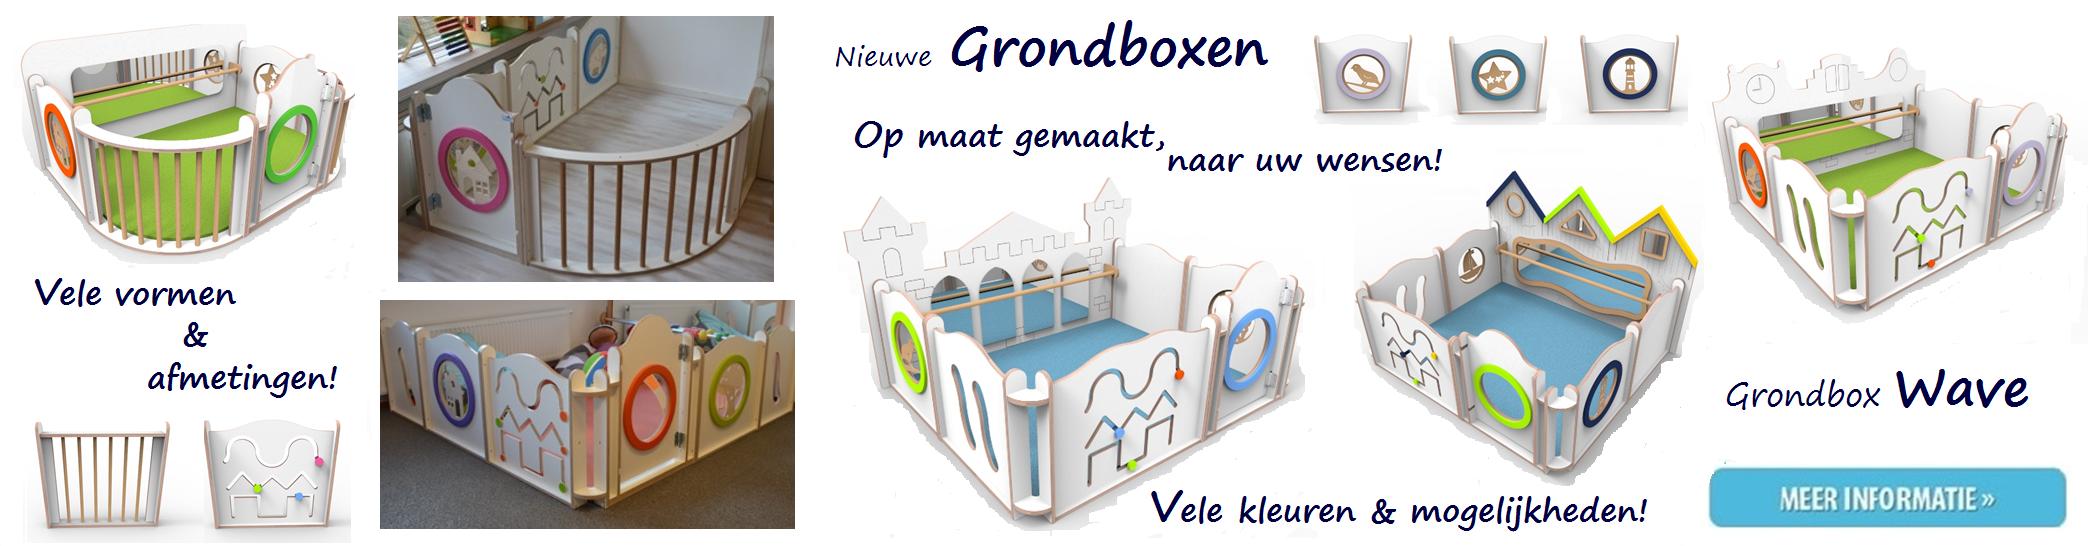 Banner Grondbox Wave